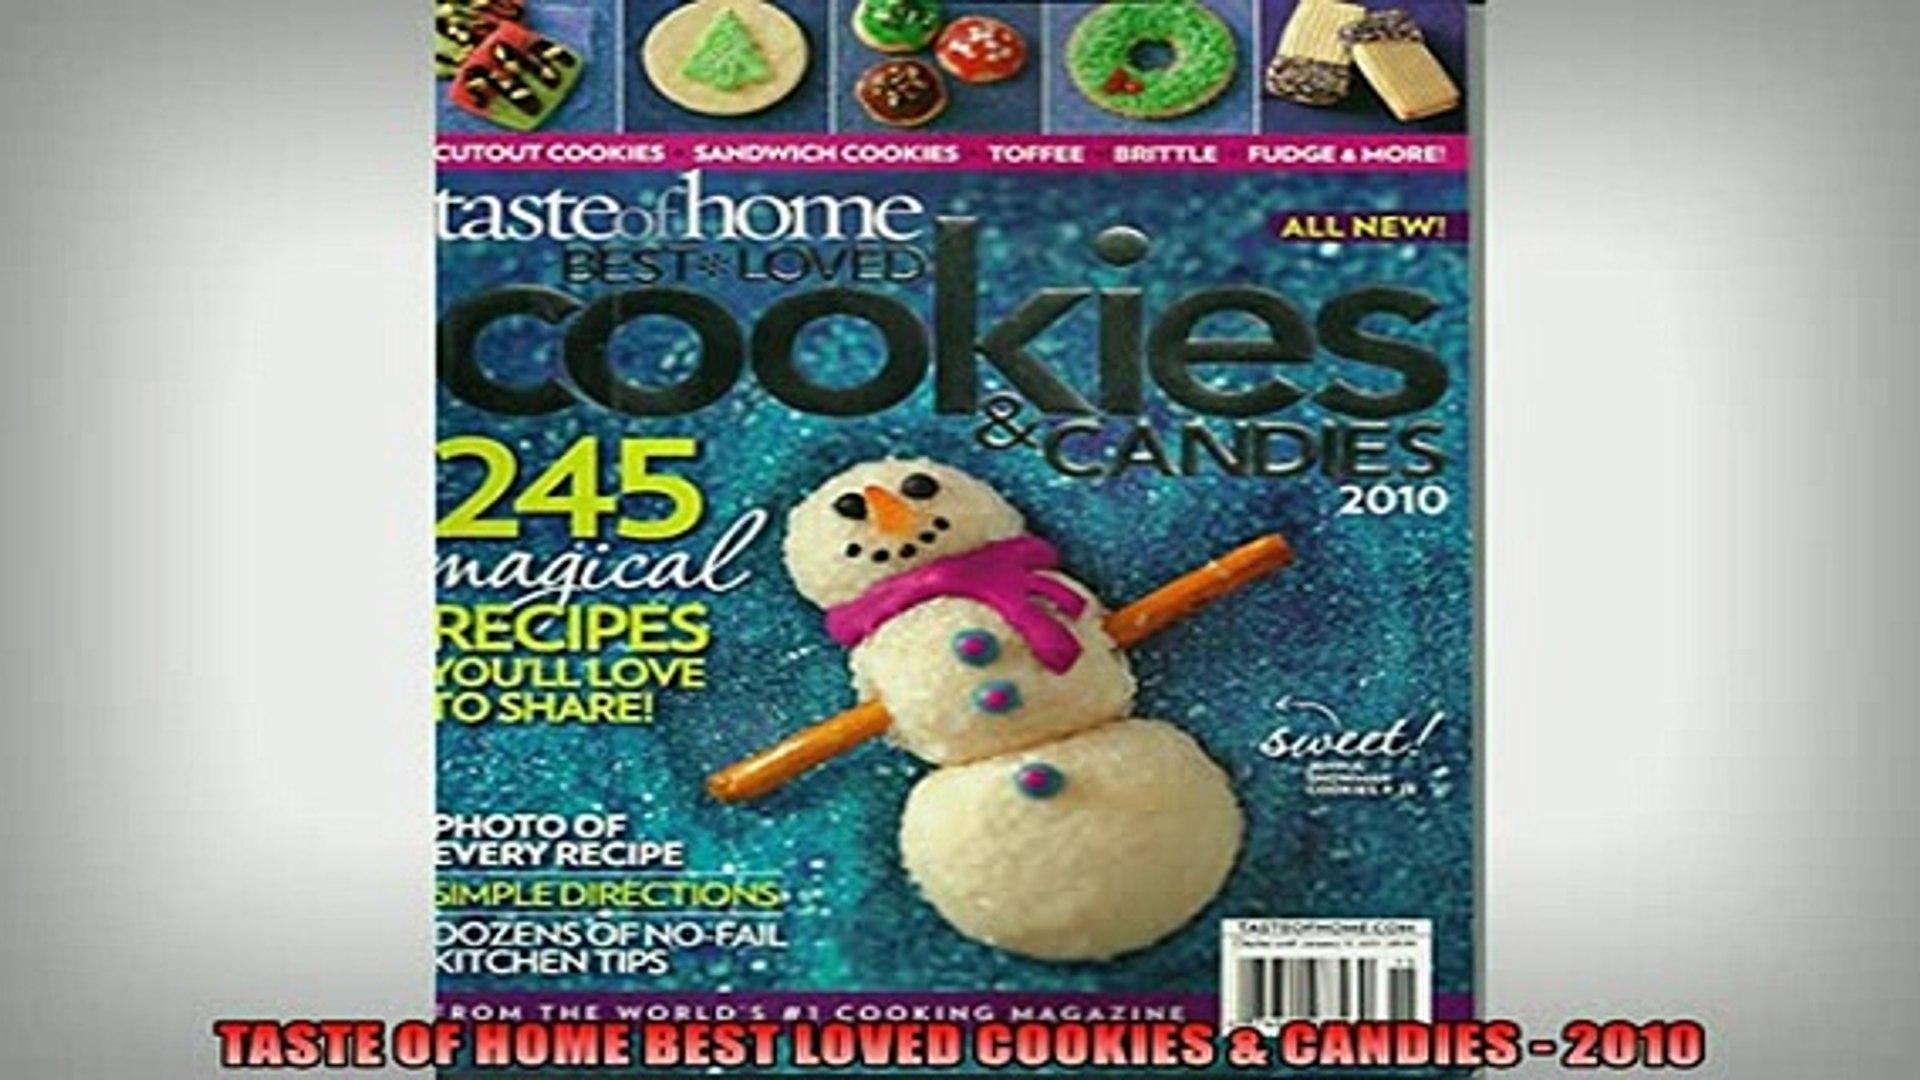 Free Pdf Downlaod Taste Of Home Best Loved Cookies Candies 2010 Book Online